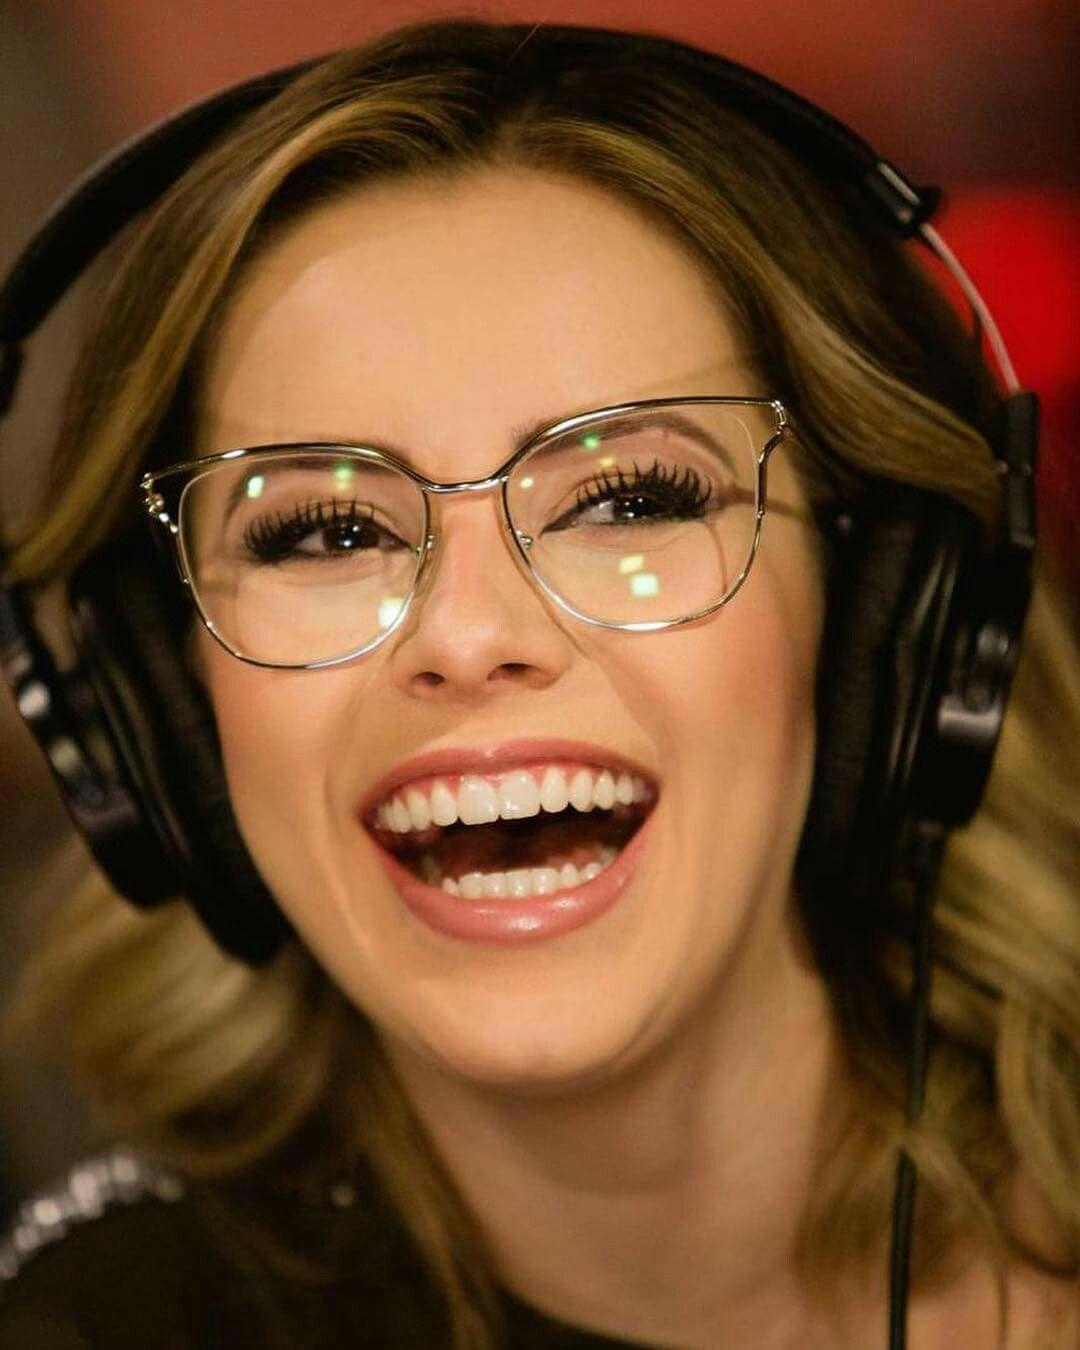 Sandy, was für ein schönes Lächeln   Coole brillen